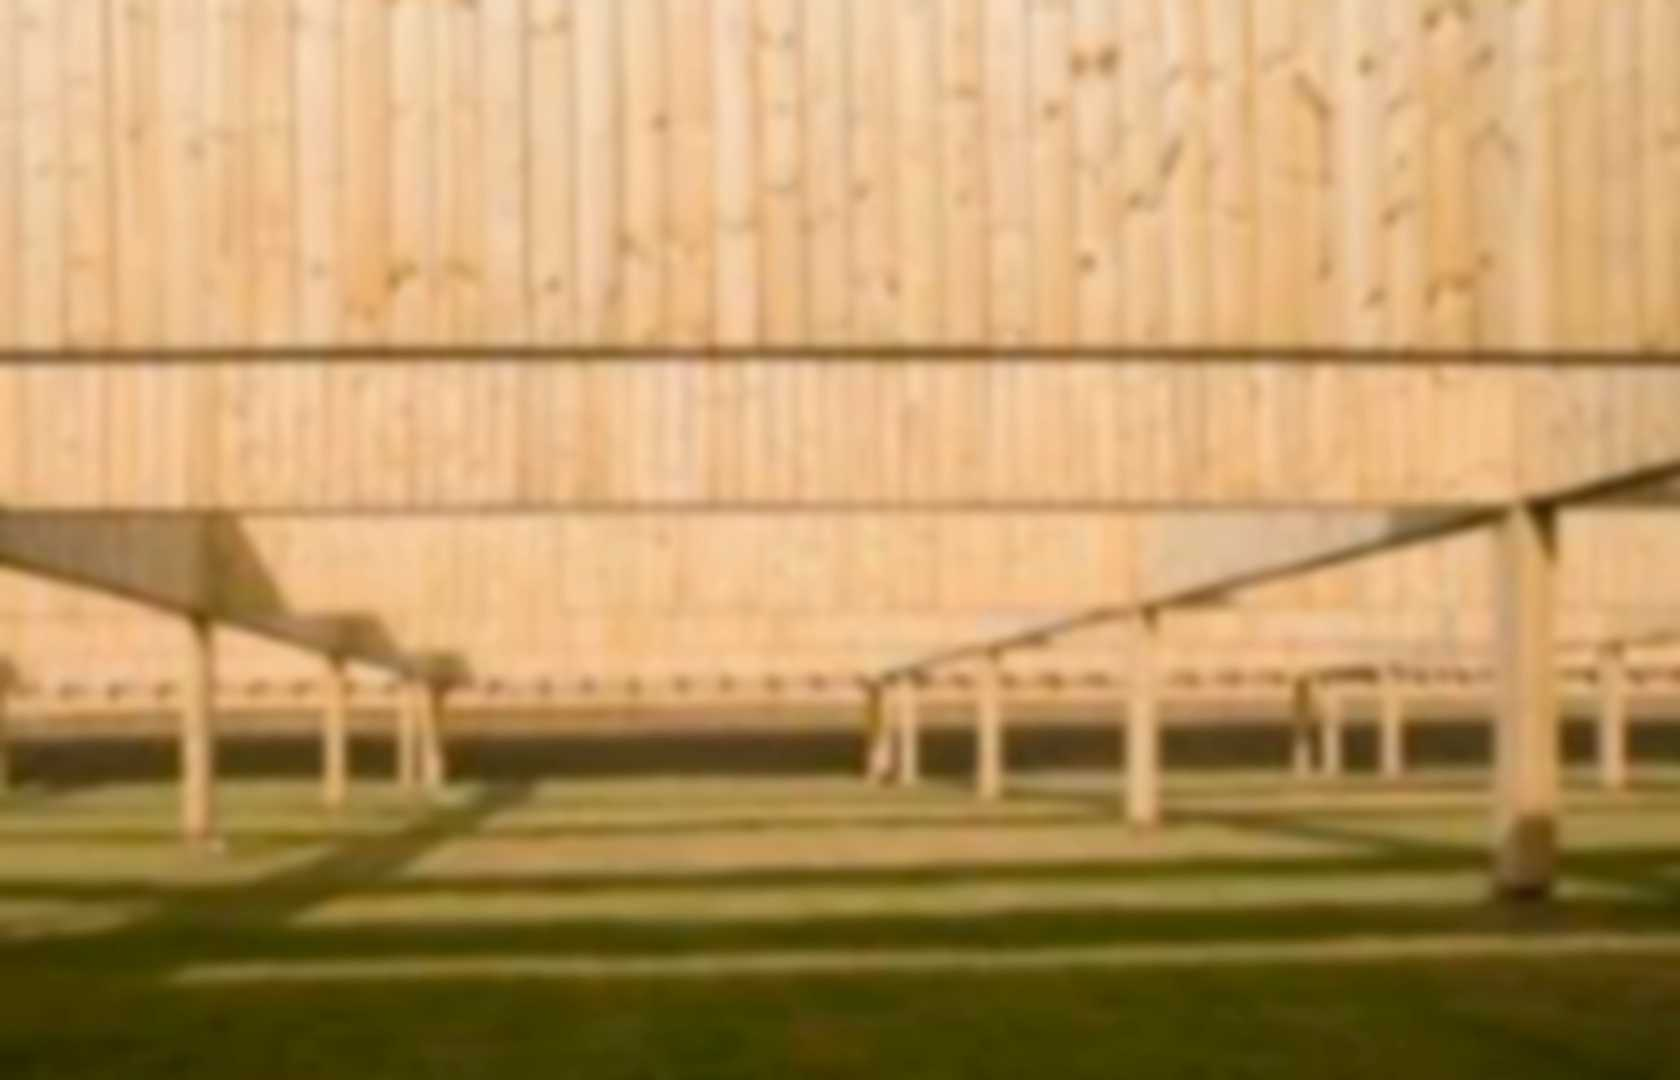 Atelier D Architecture Alexandre Dreyssé structures | pearltrees